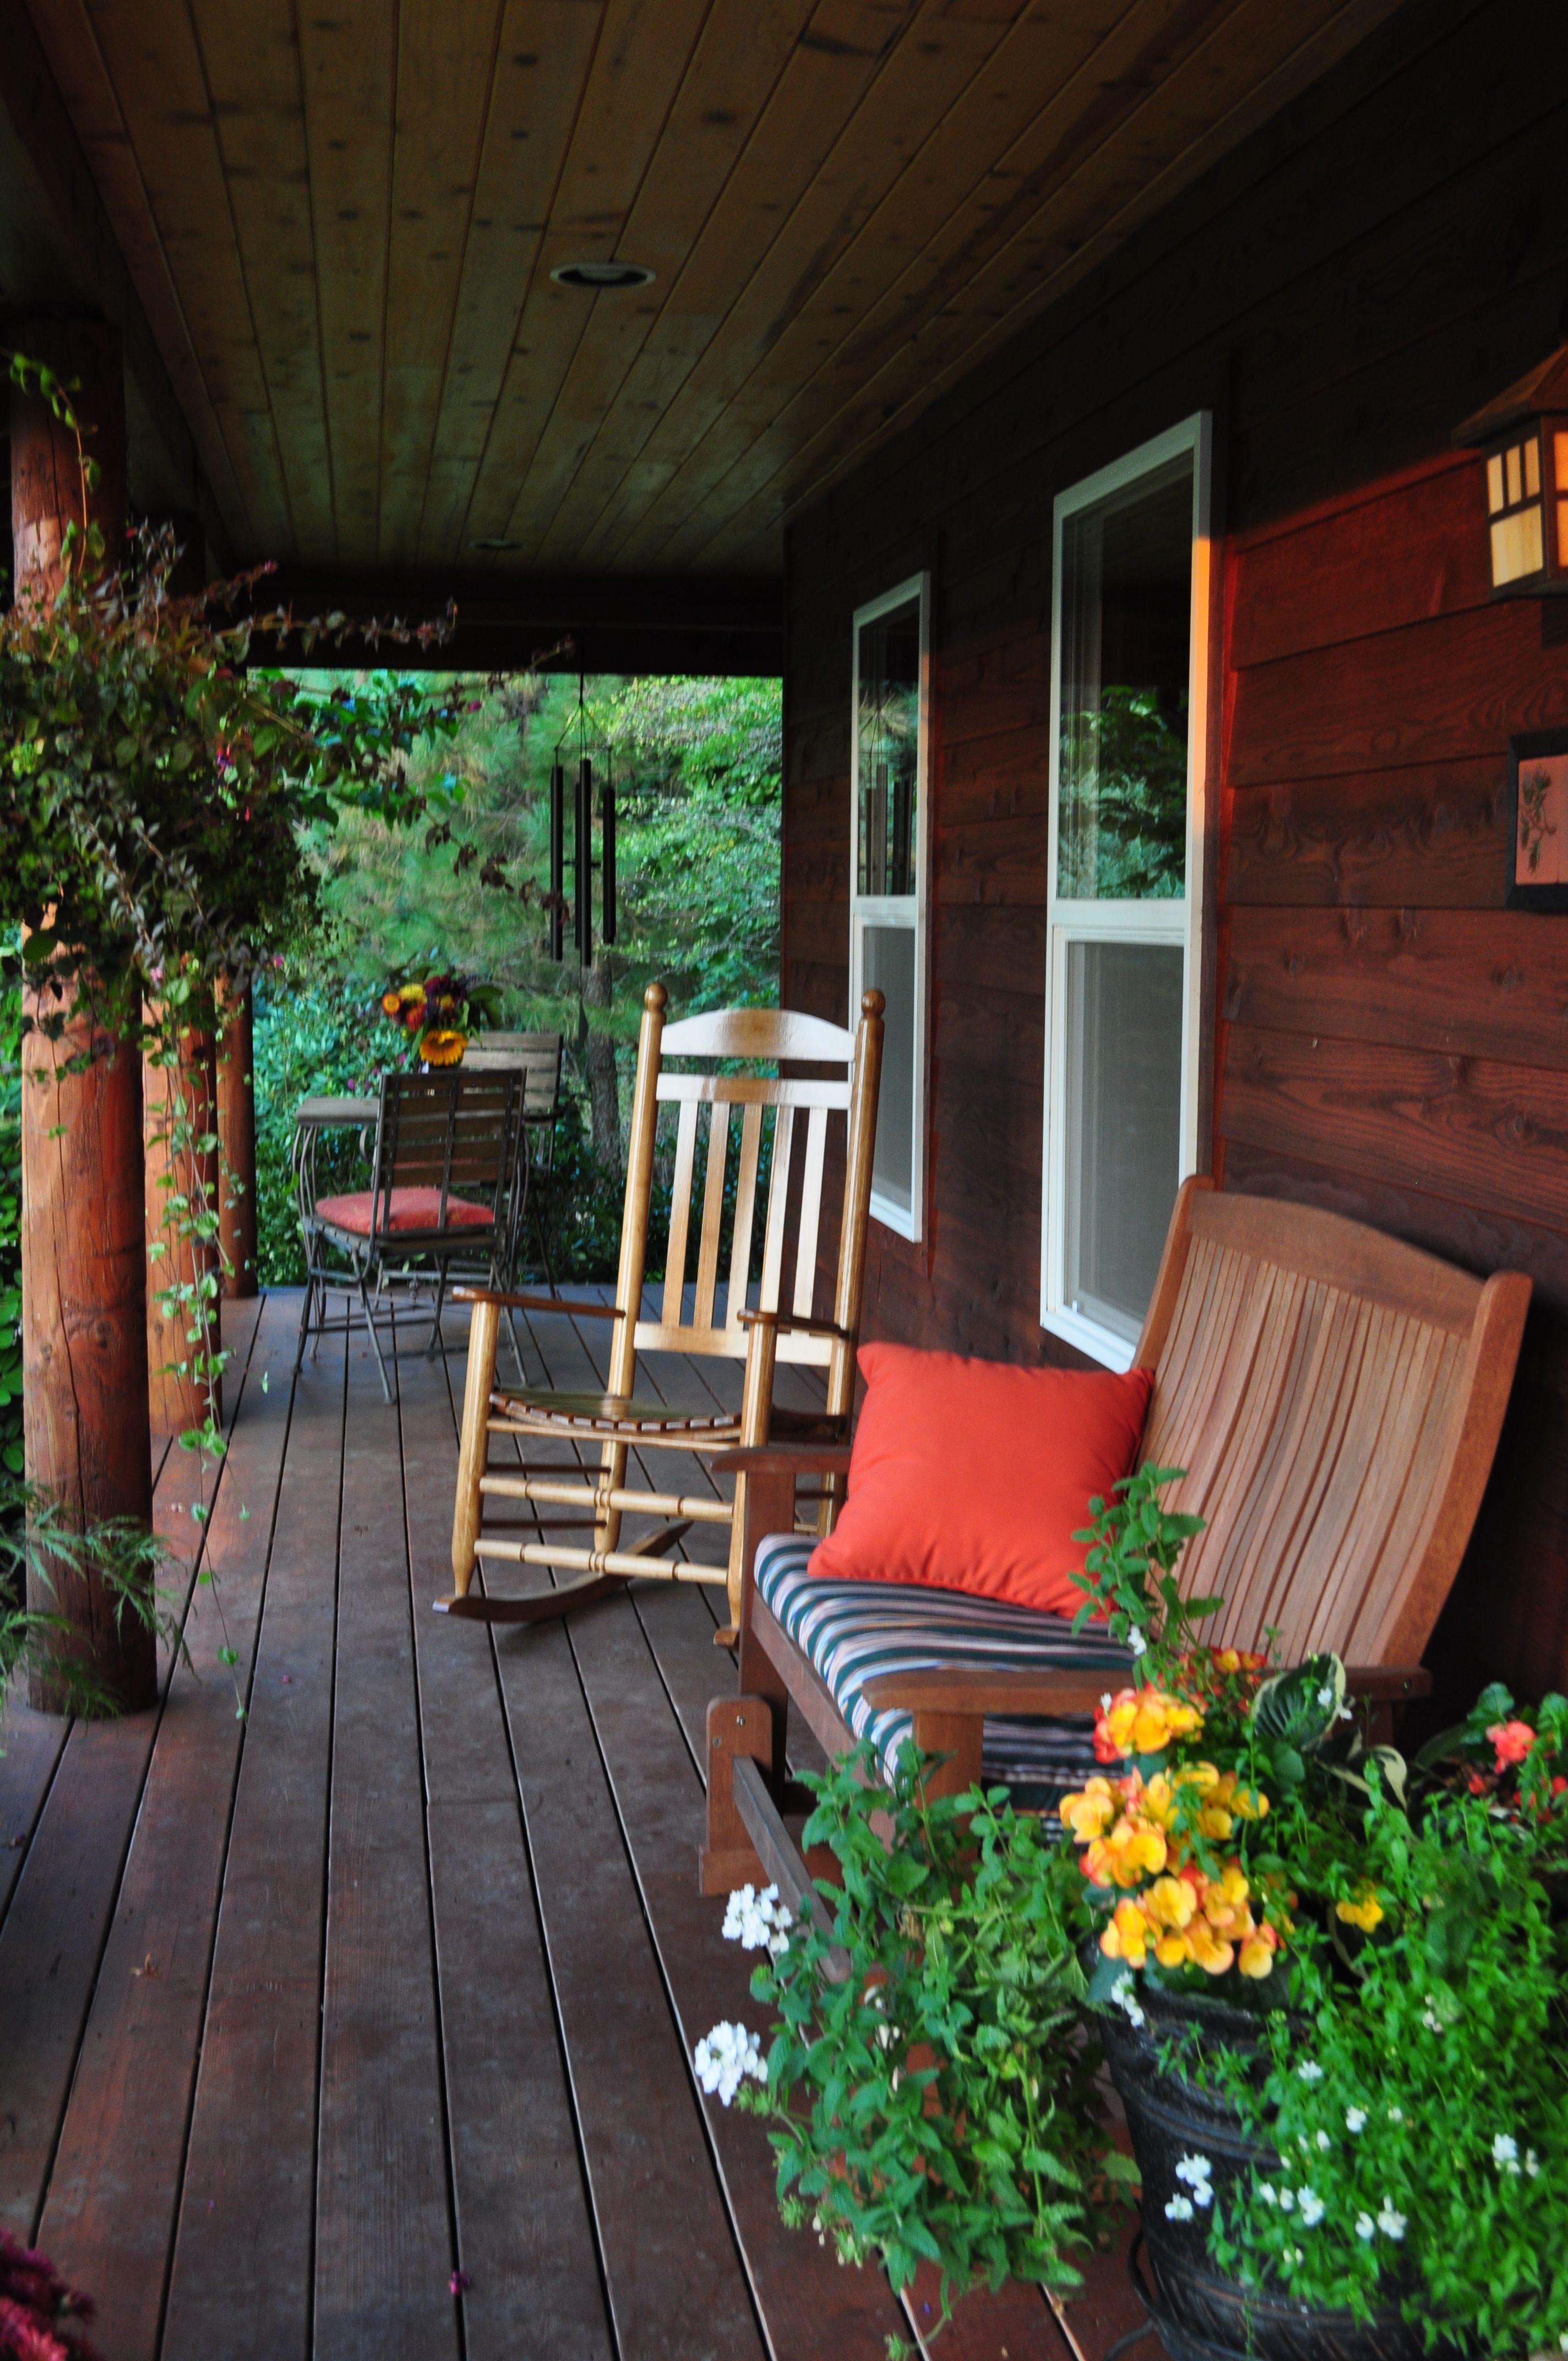 Veranda selber bauen  Pin von Dee Eickhoff-Strube auf House plans | Pinterest | Hütten ...